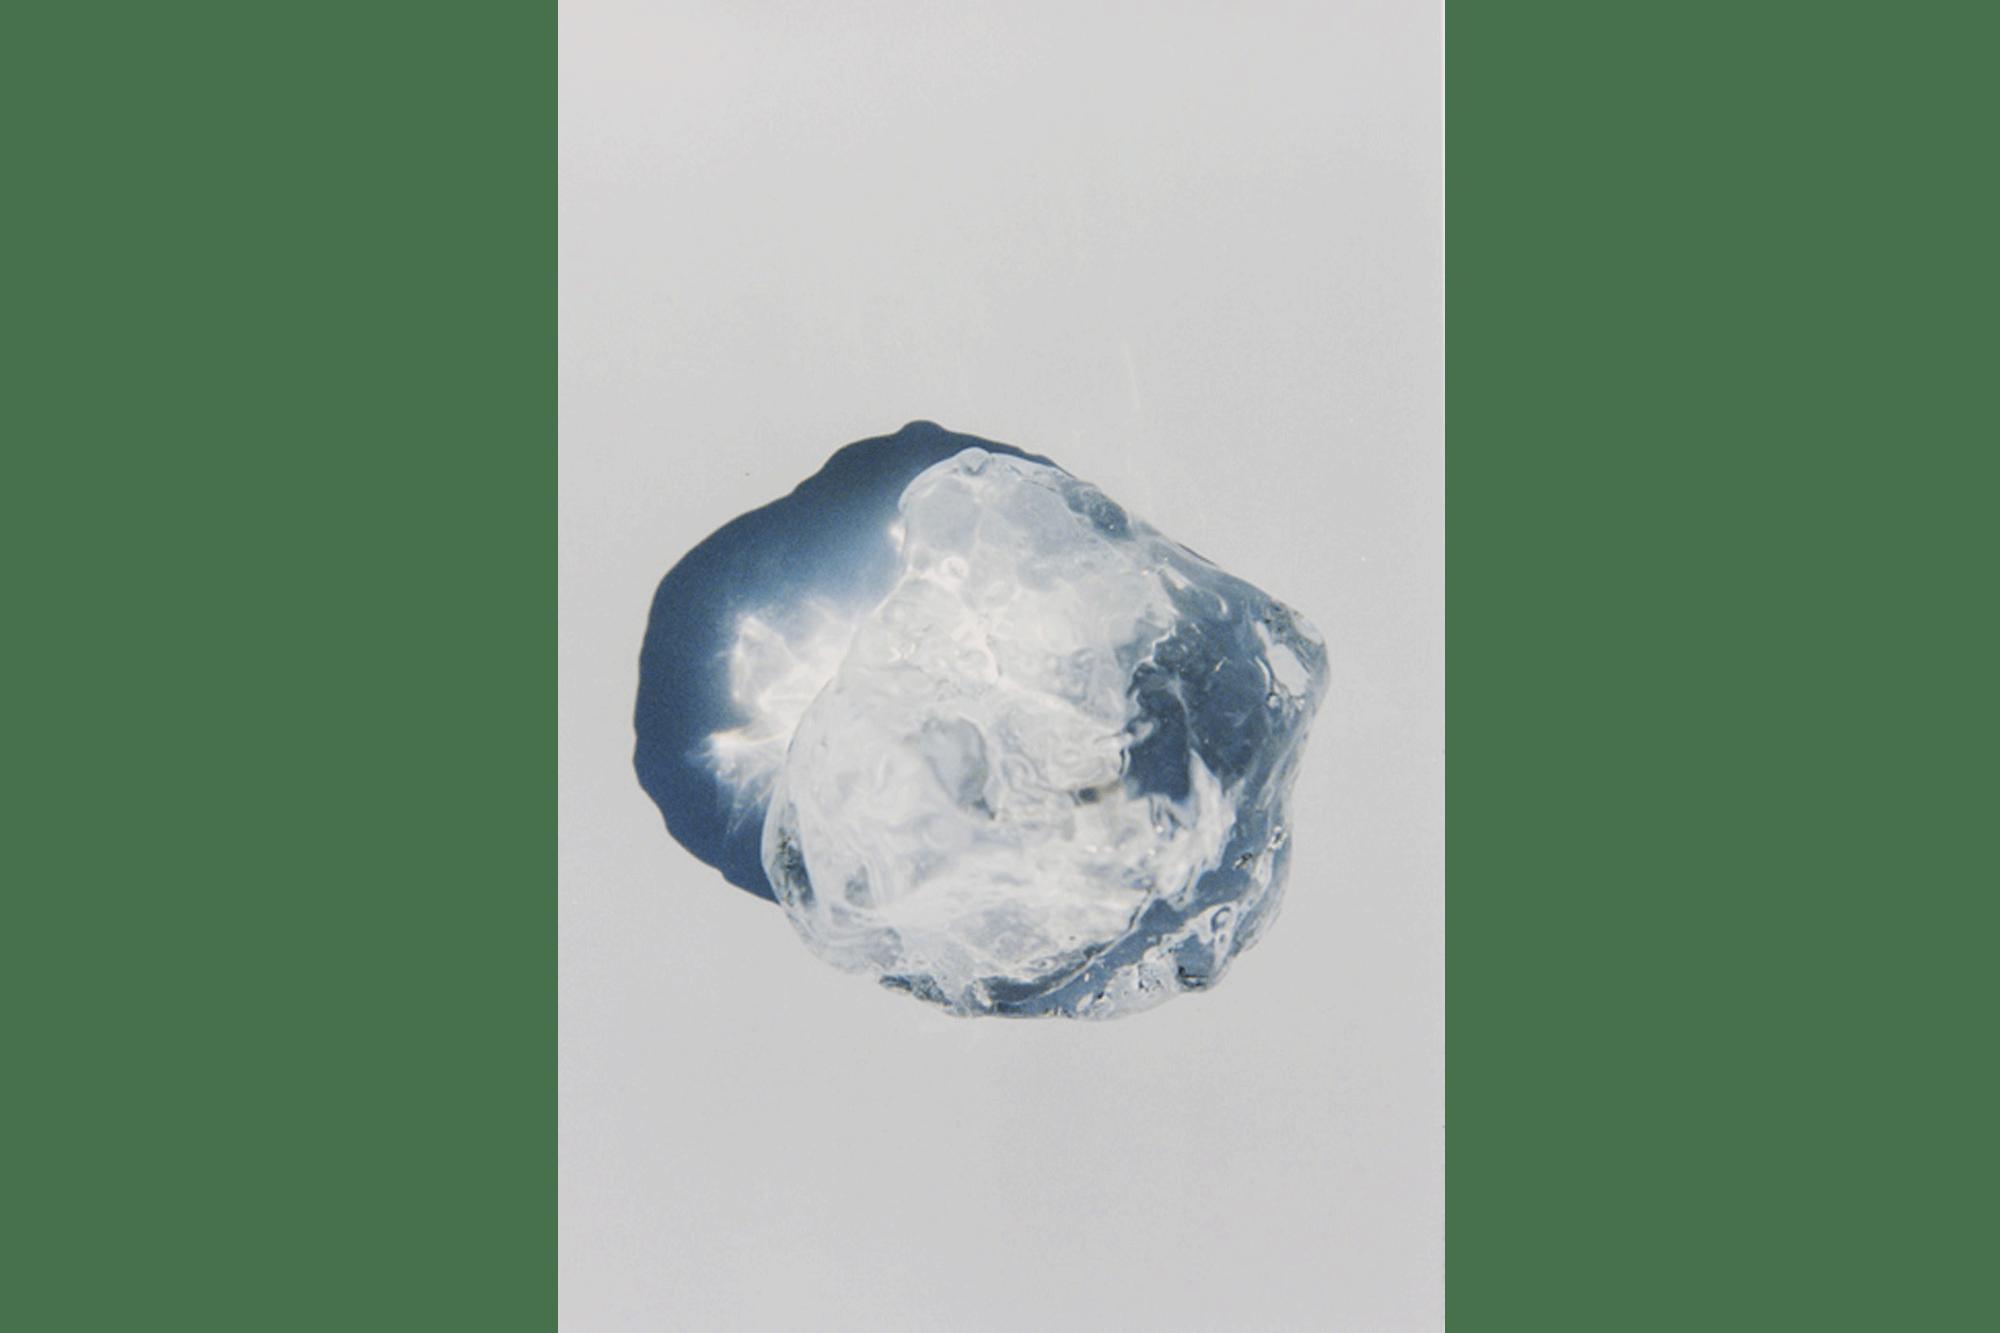 ice 1, 2007